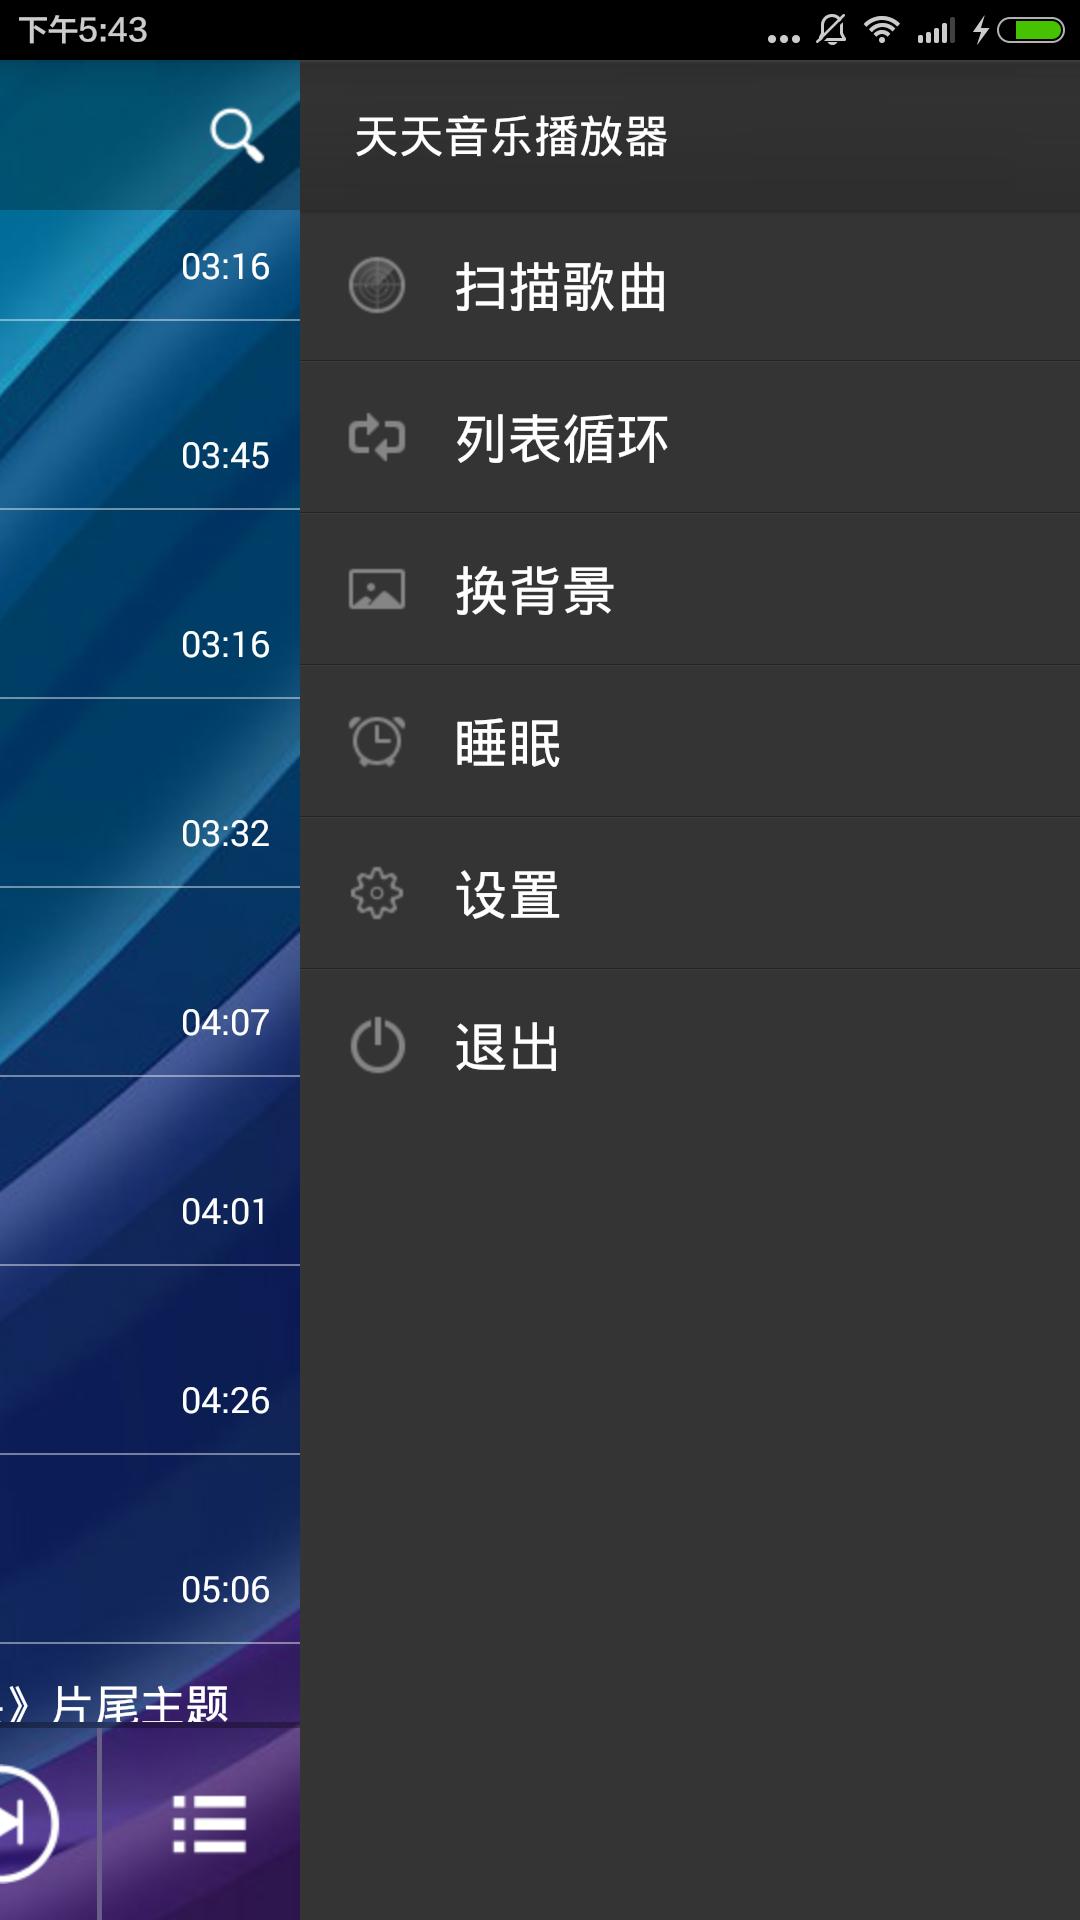 天天音乐播放器 V1.4 安卓版截图1